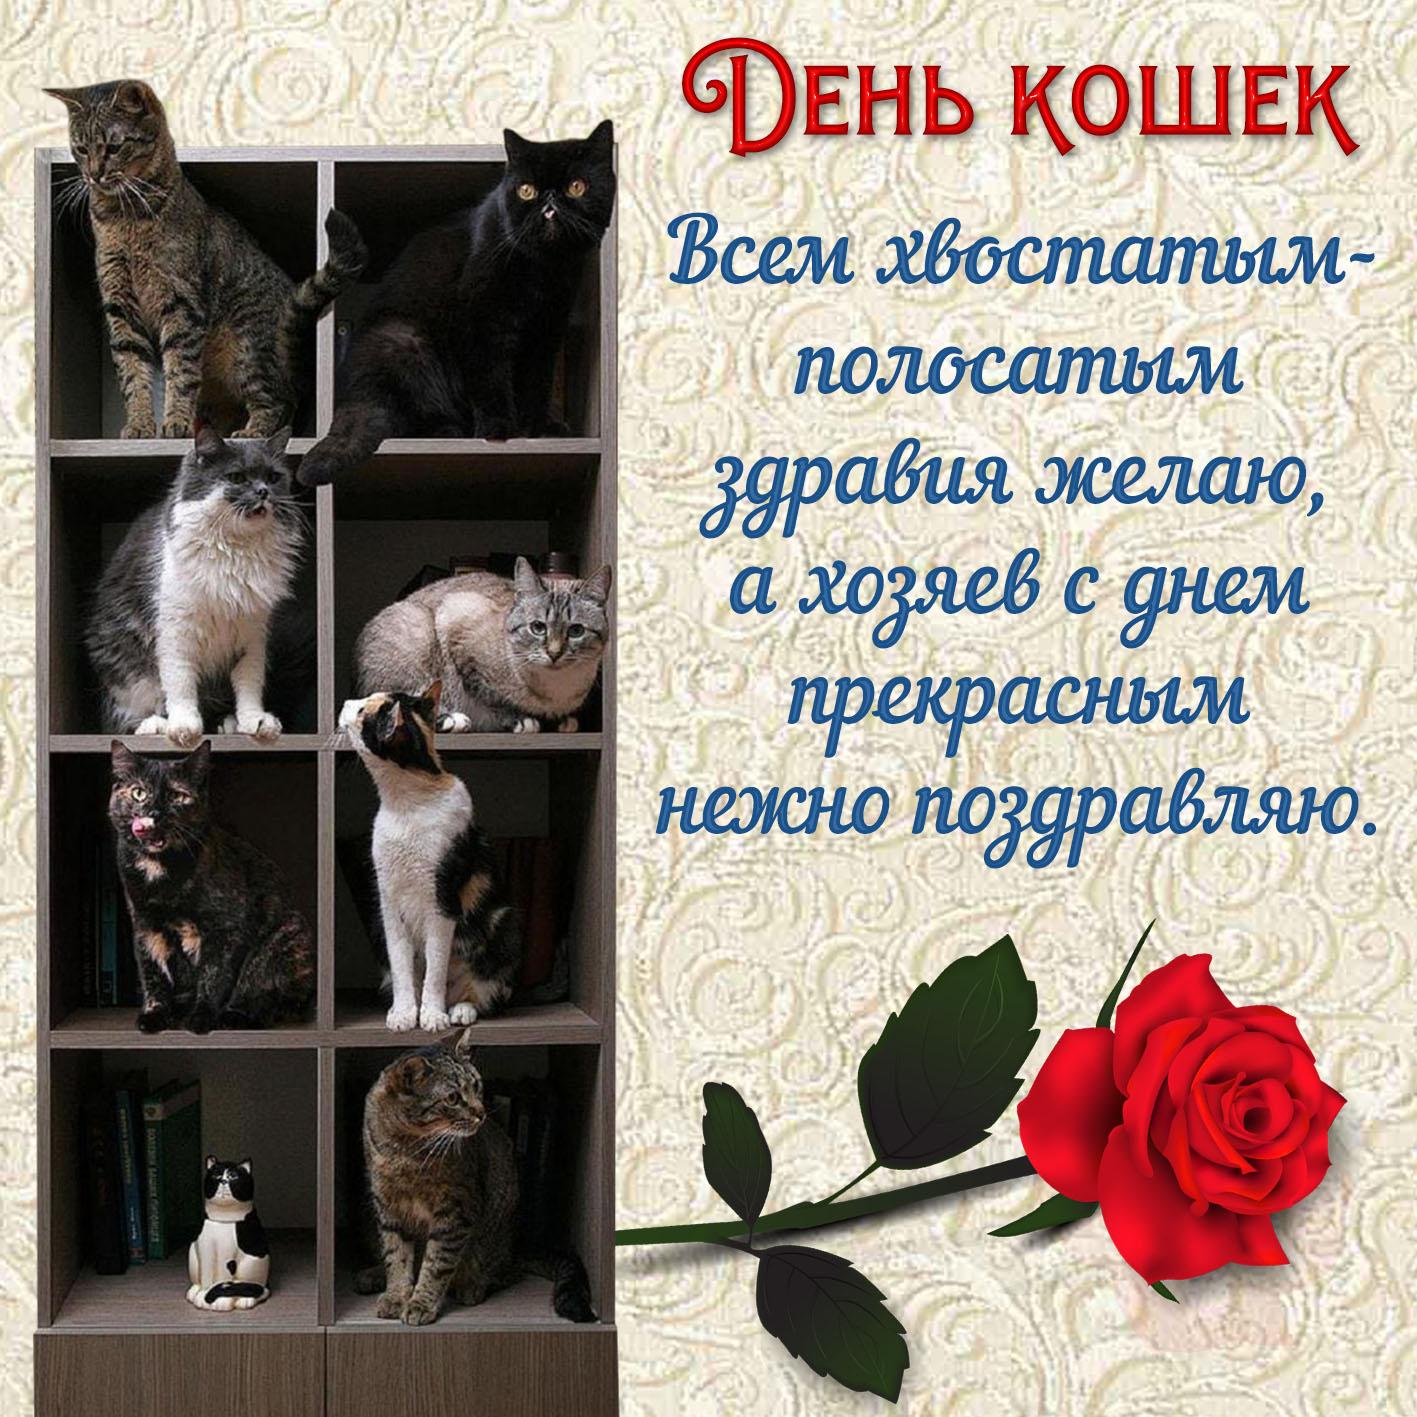 Открытки день кошек 8 августа красивые